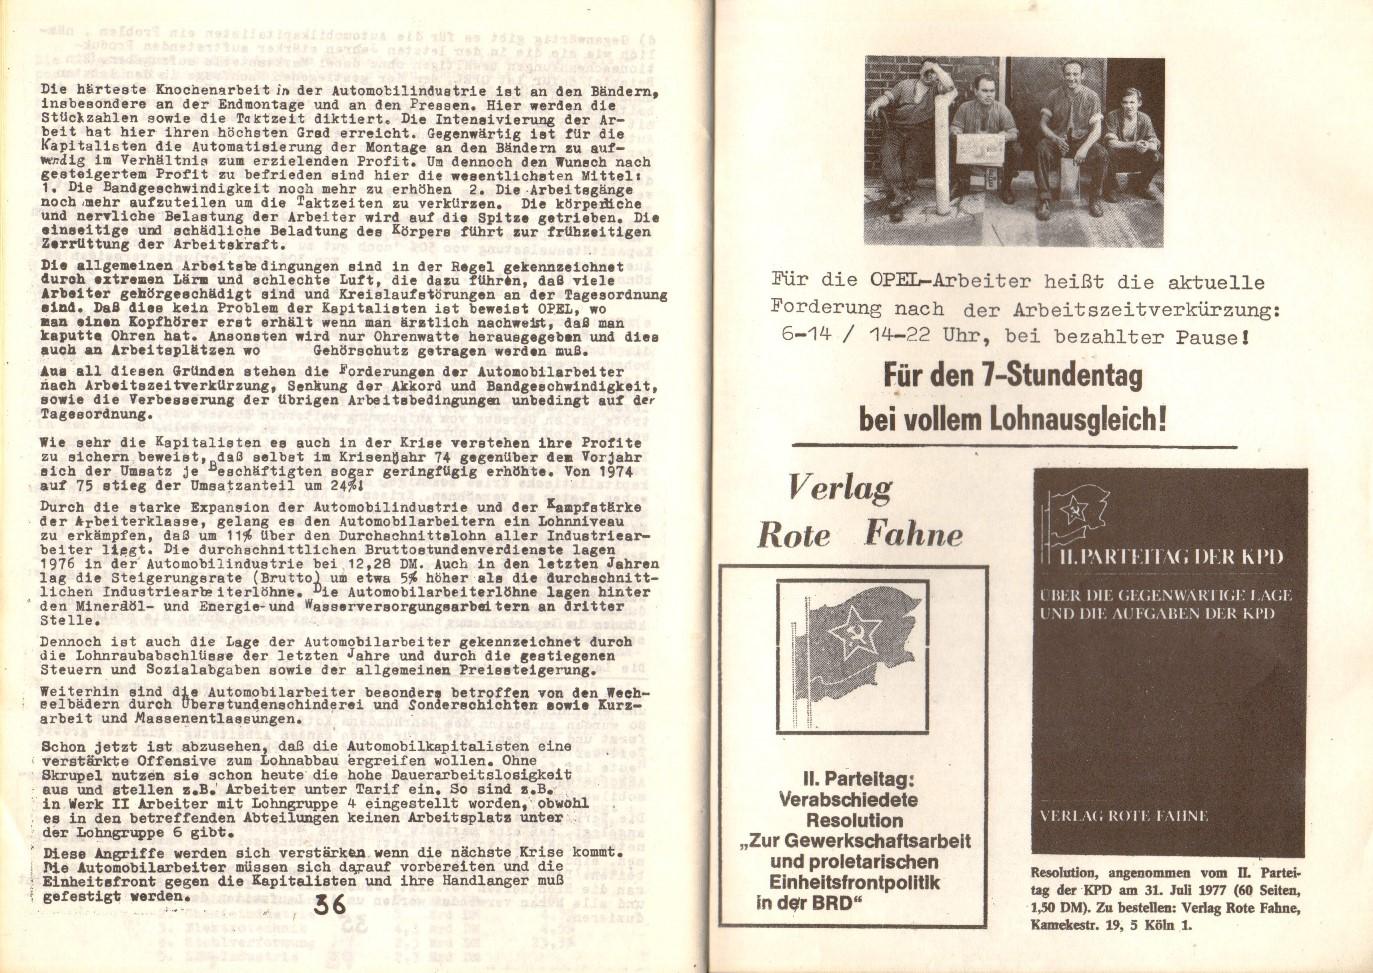 Bochum_KPD_1977_Betriebsratswahlen_1978_19